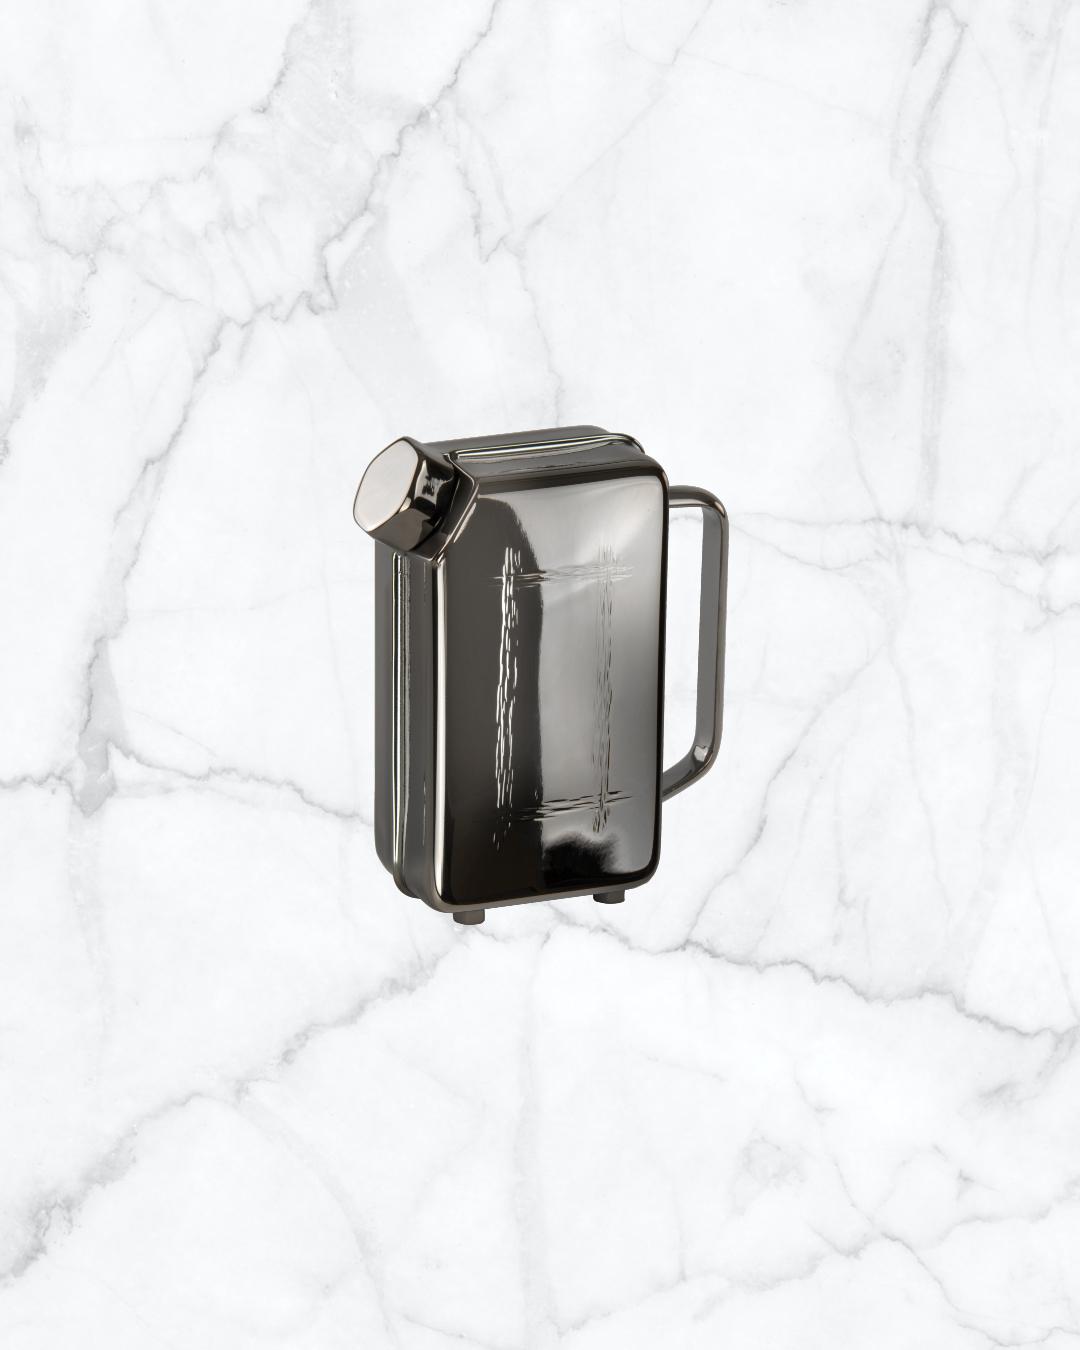 small-mixer-bottle-with-handle-gioi-barock-luxury